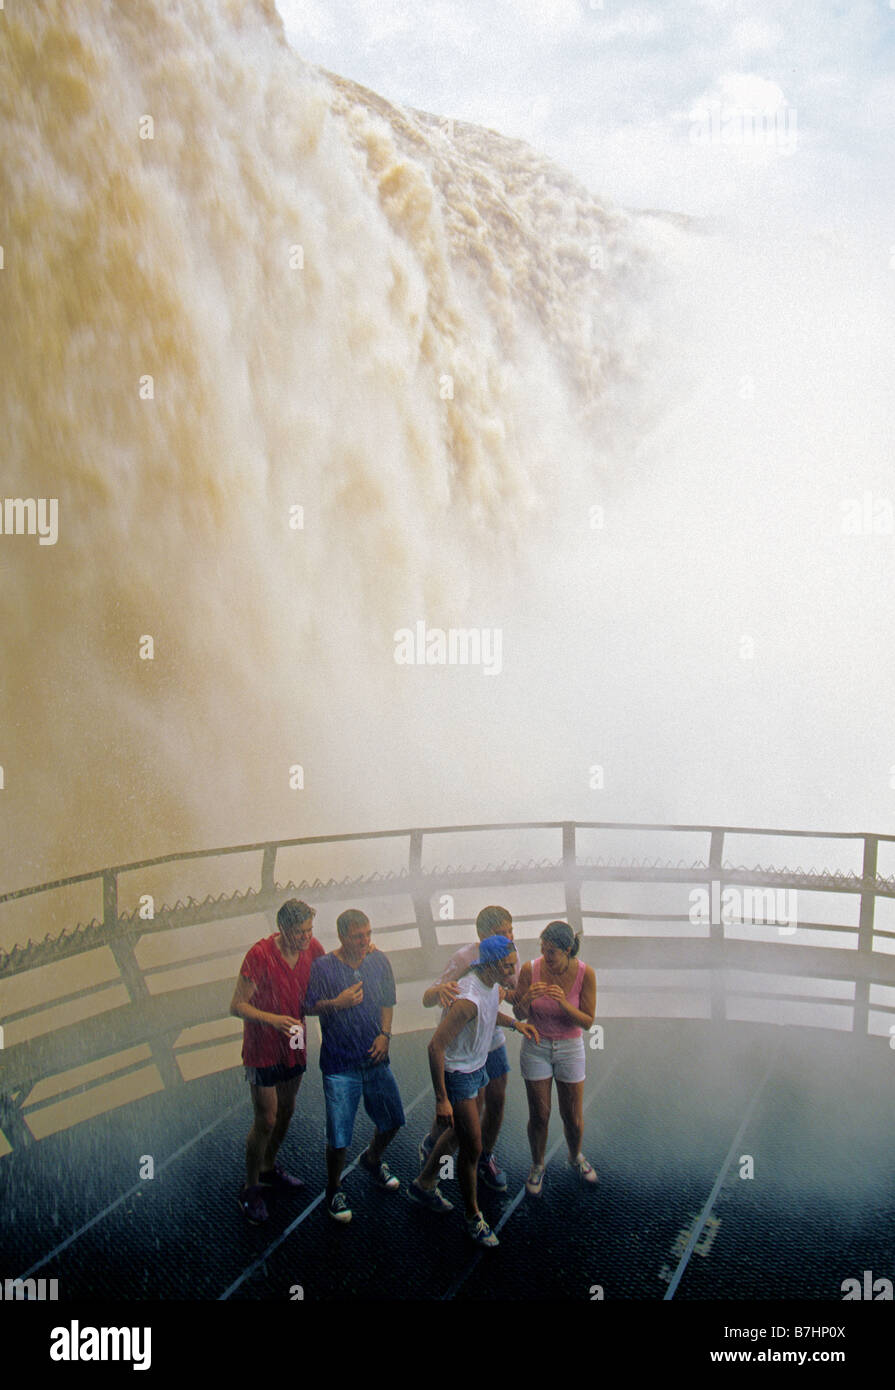 Brasilien-Seite der Iguazu Wasserfälle mit Touristen in Spray auf Aussichtsplattform Stockbild